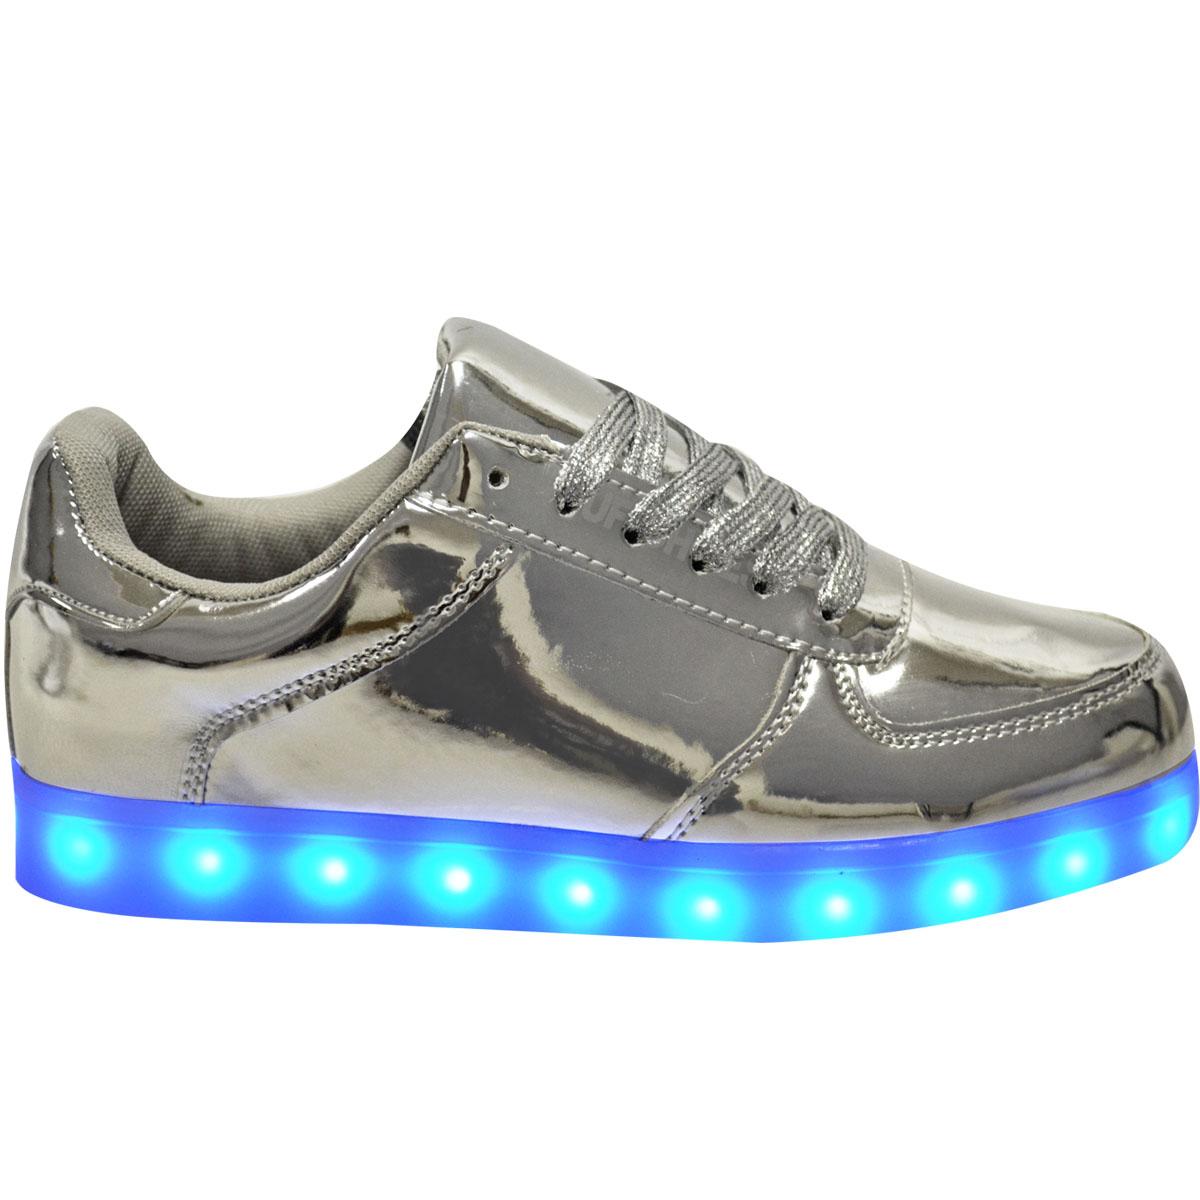 Led Light Up Shoes Ebay Uk